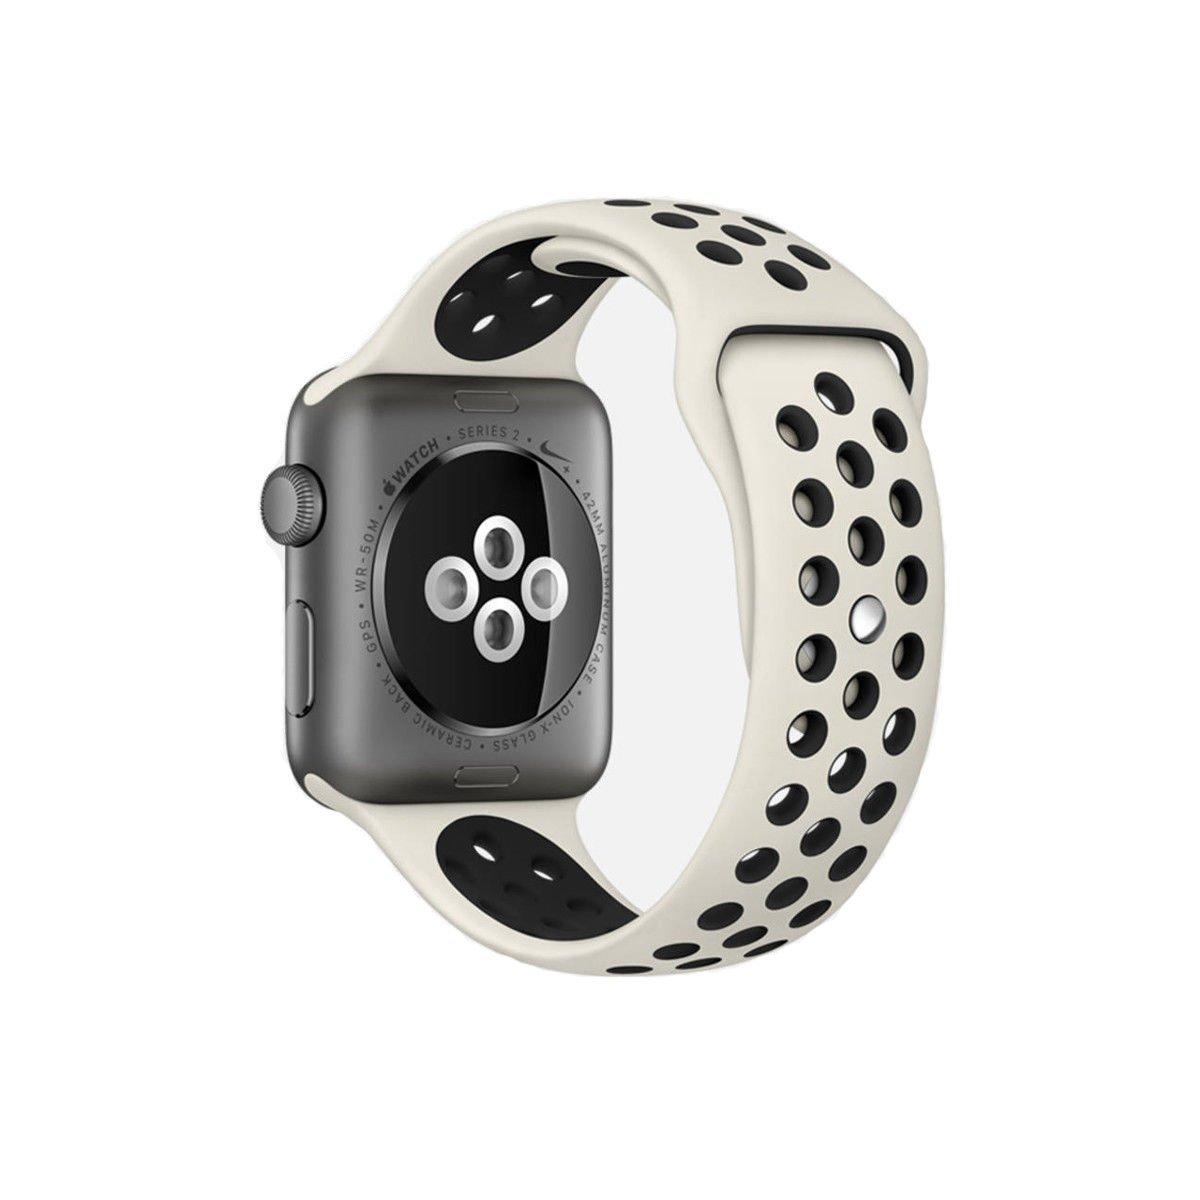 Řemínek SPORT pro Apple Watch Series 3/2/1 38mm - Anticky bílý/Černý